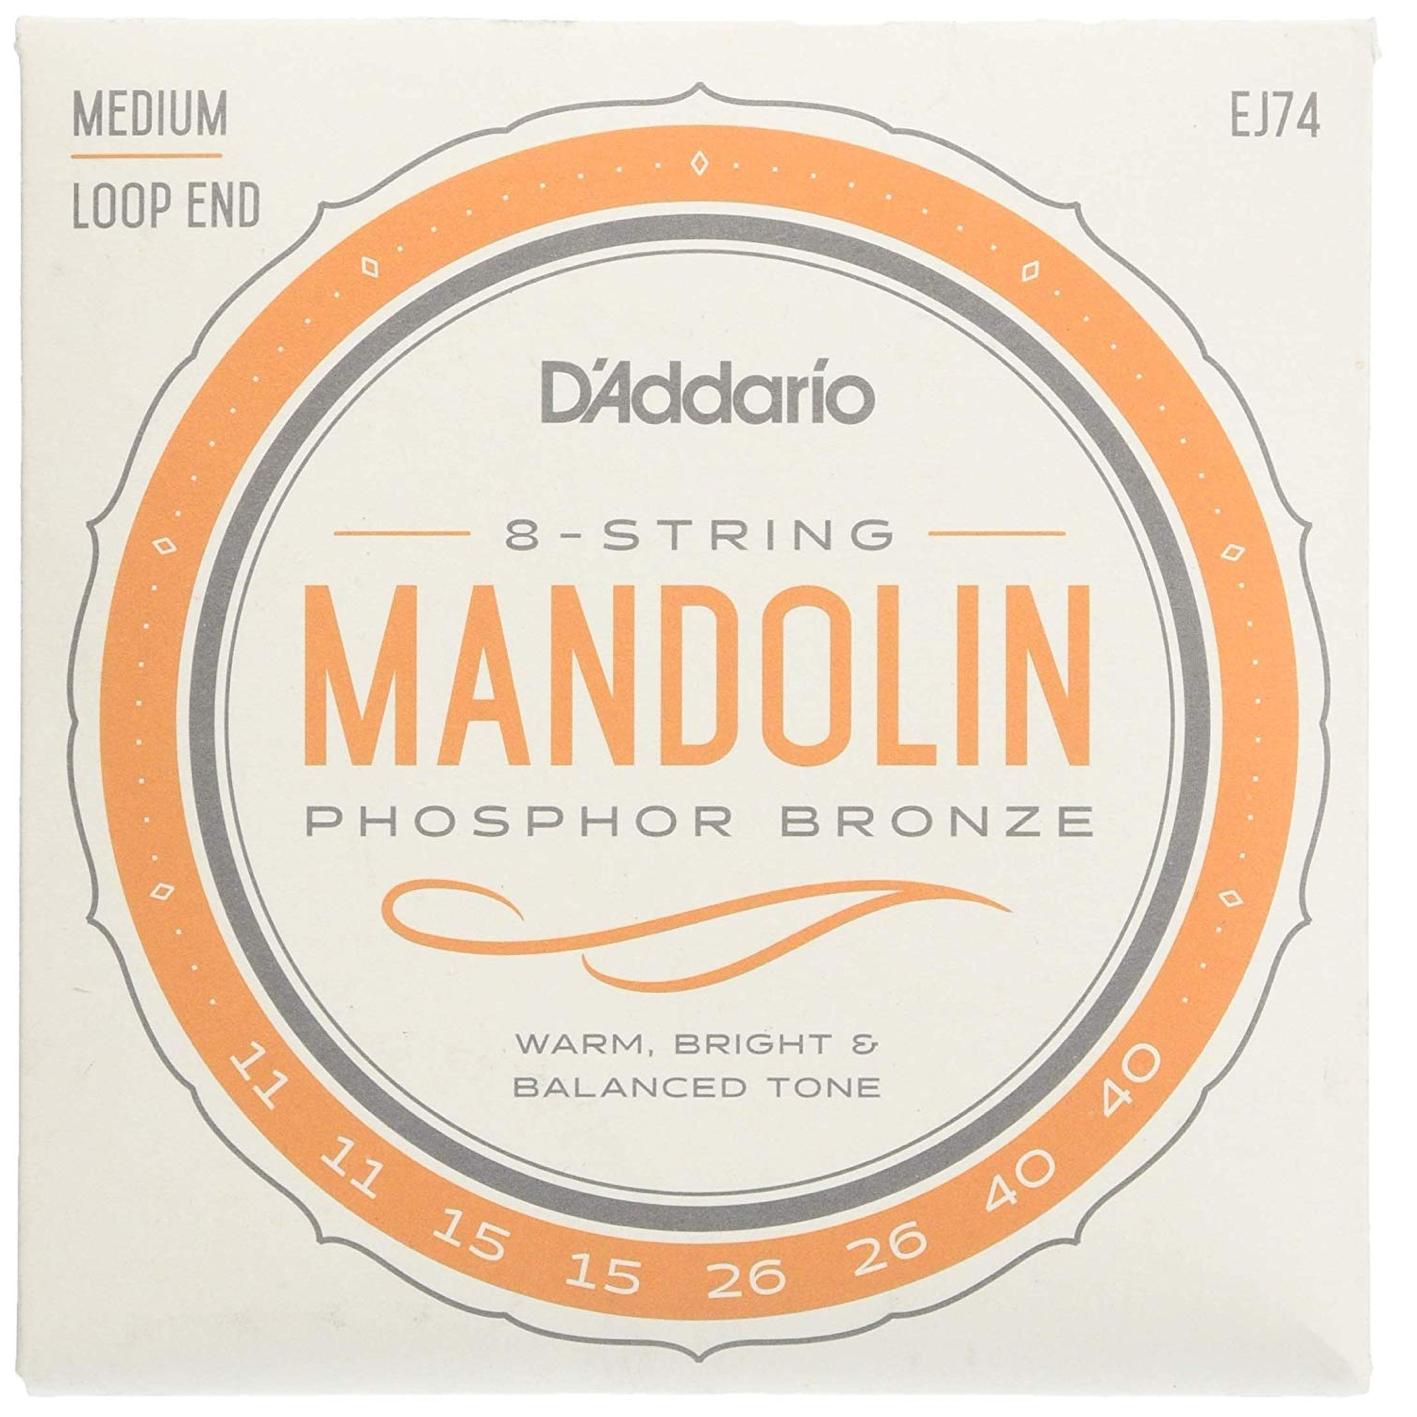 D'Addario EJ74 Mandolin Phosphor Bronze Medium Set Loop End